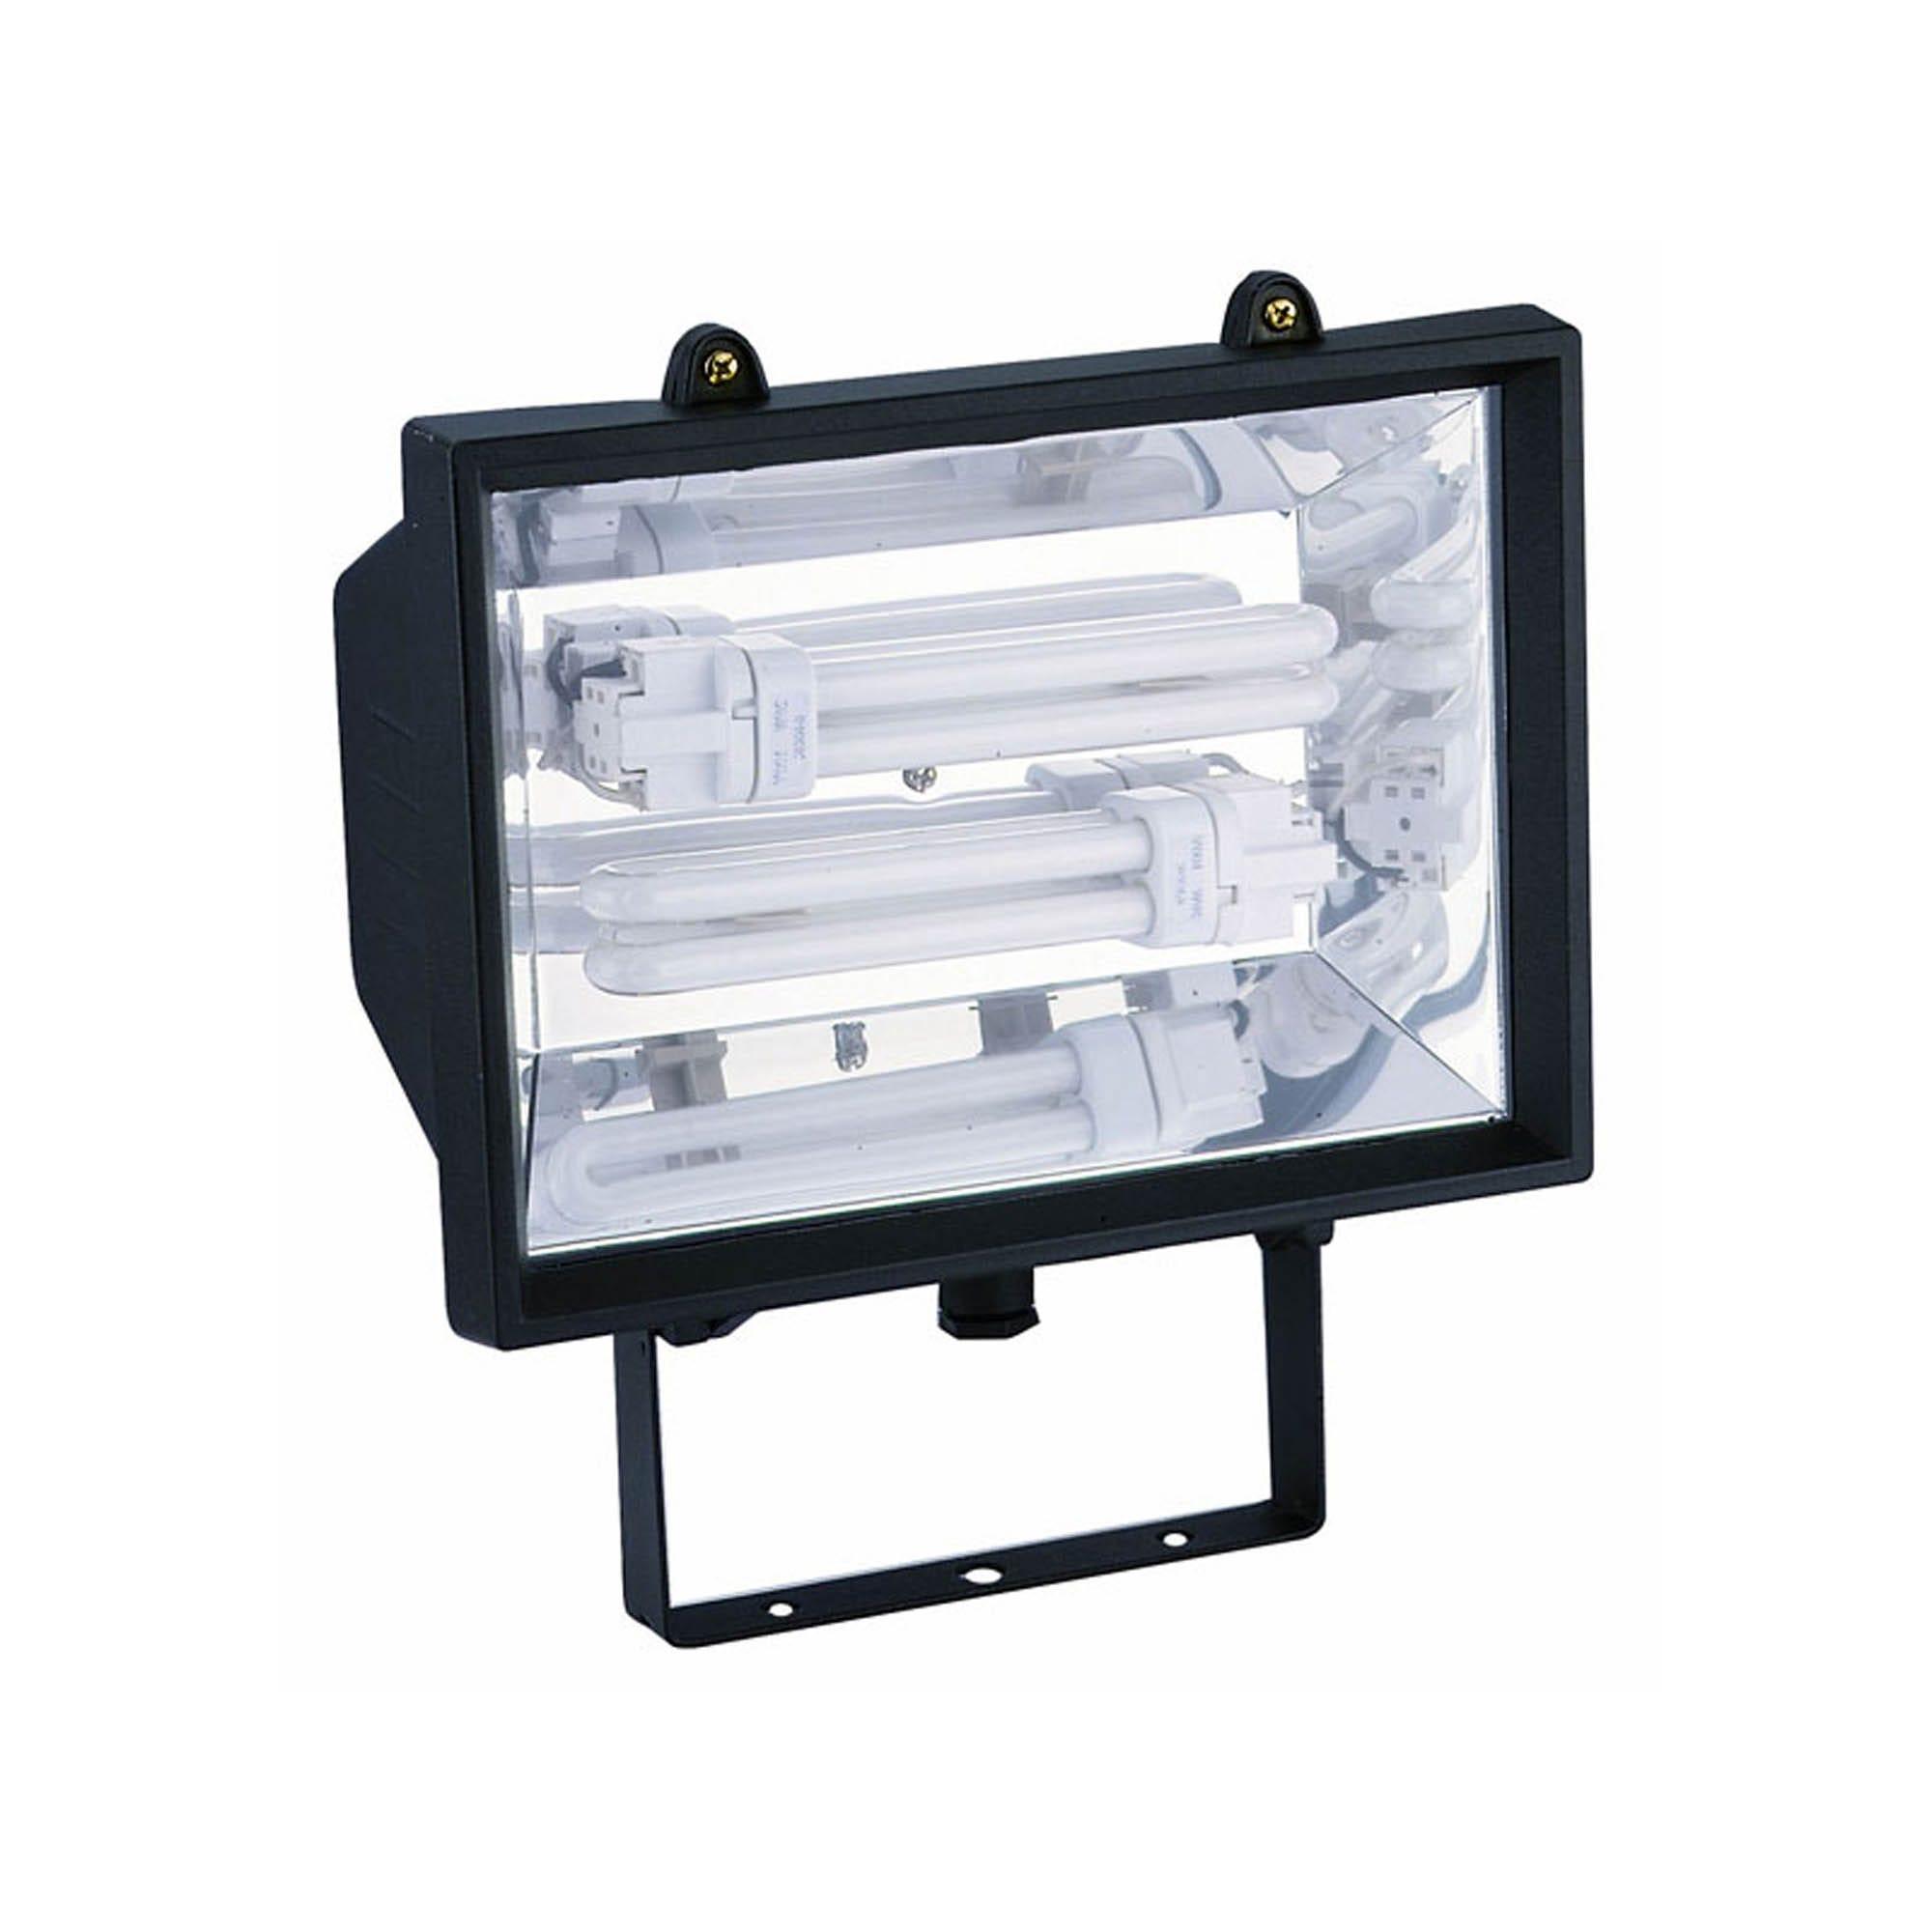 Image of Eco Black Floodlight